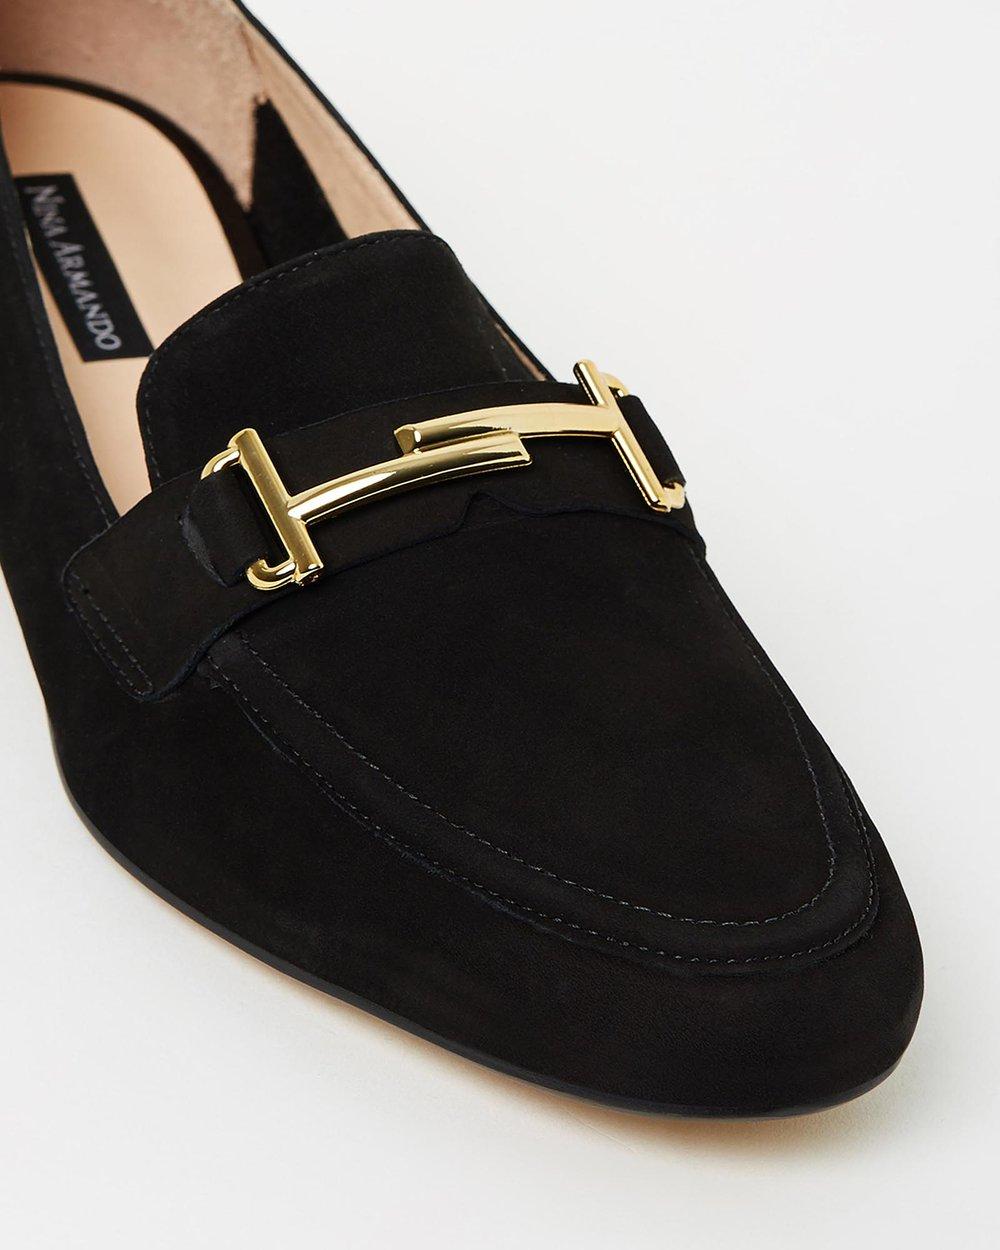 Loafer - Black Suede